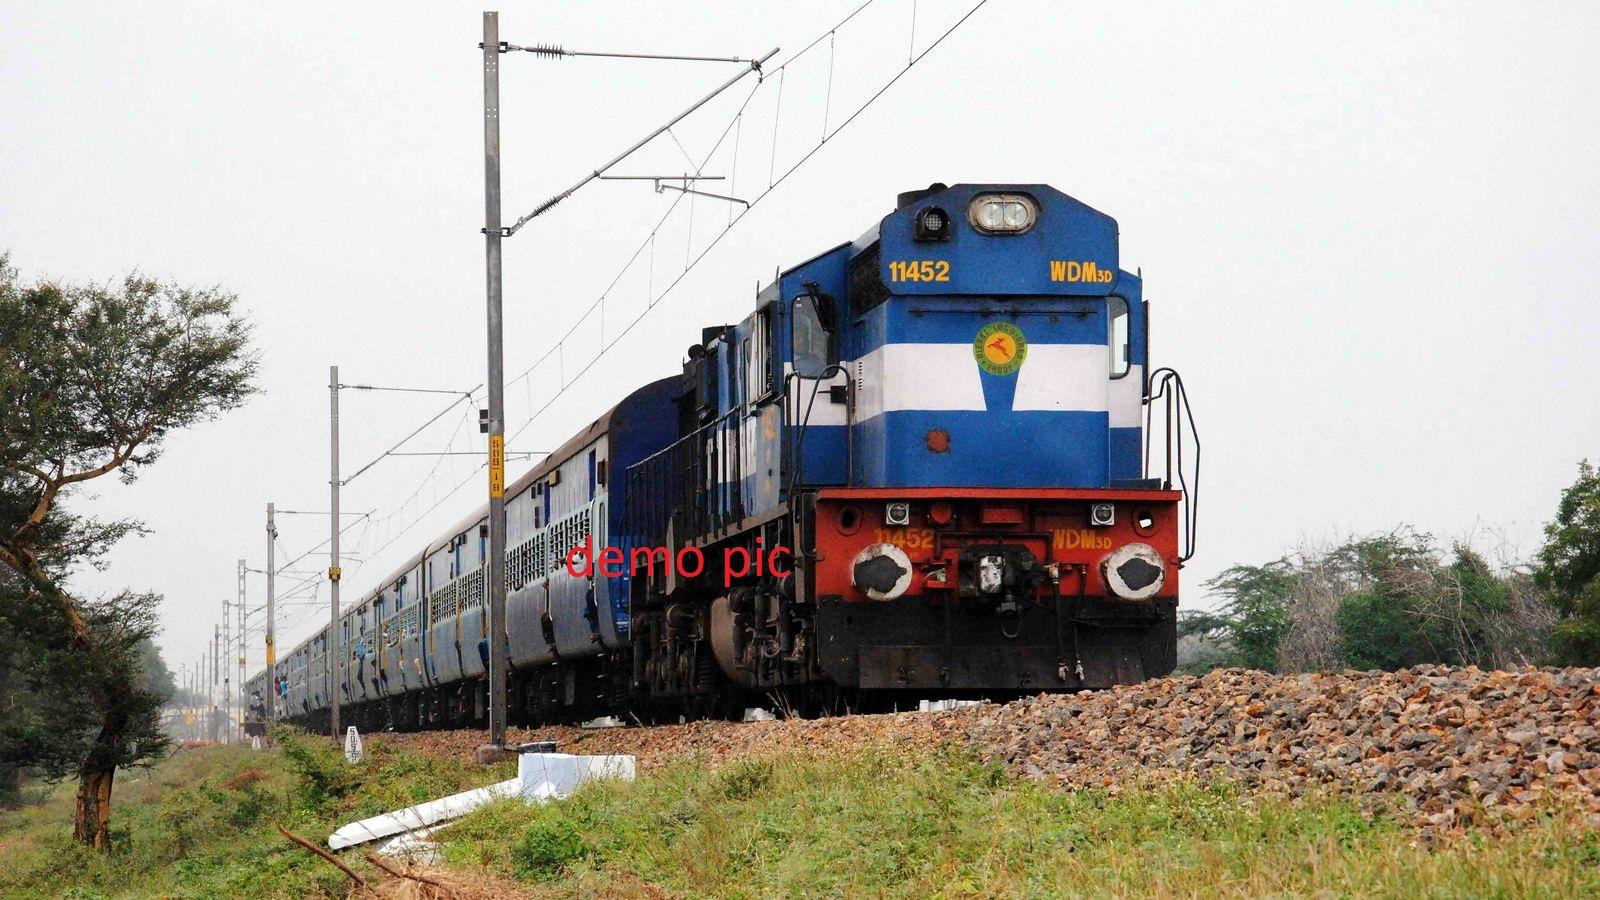 बीकानेर से चलने वाली इस एक्सप्रेस ट्रेन का आज से होगा पटना साहेब स्टेशन पर ठहराव